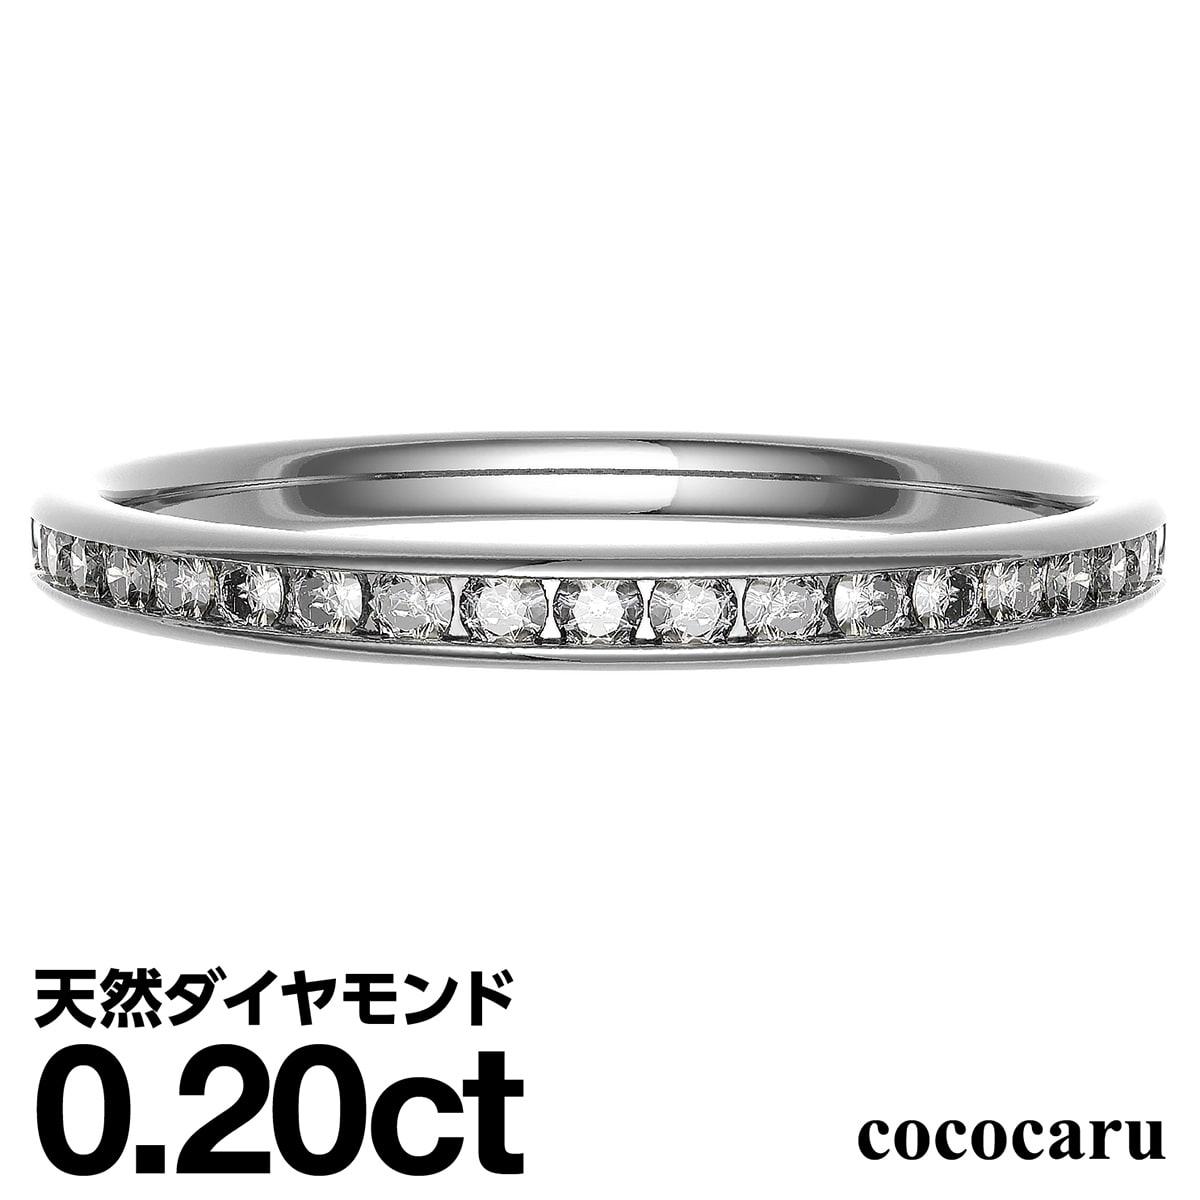 【送料無料】 エタニティ リング ダイヤモンド プラチナ900 ファッションリング 品質保証書 金属アレルギー 日本製 誕生日 ギフト